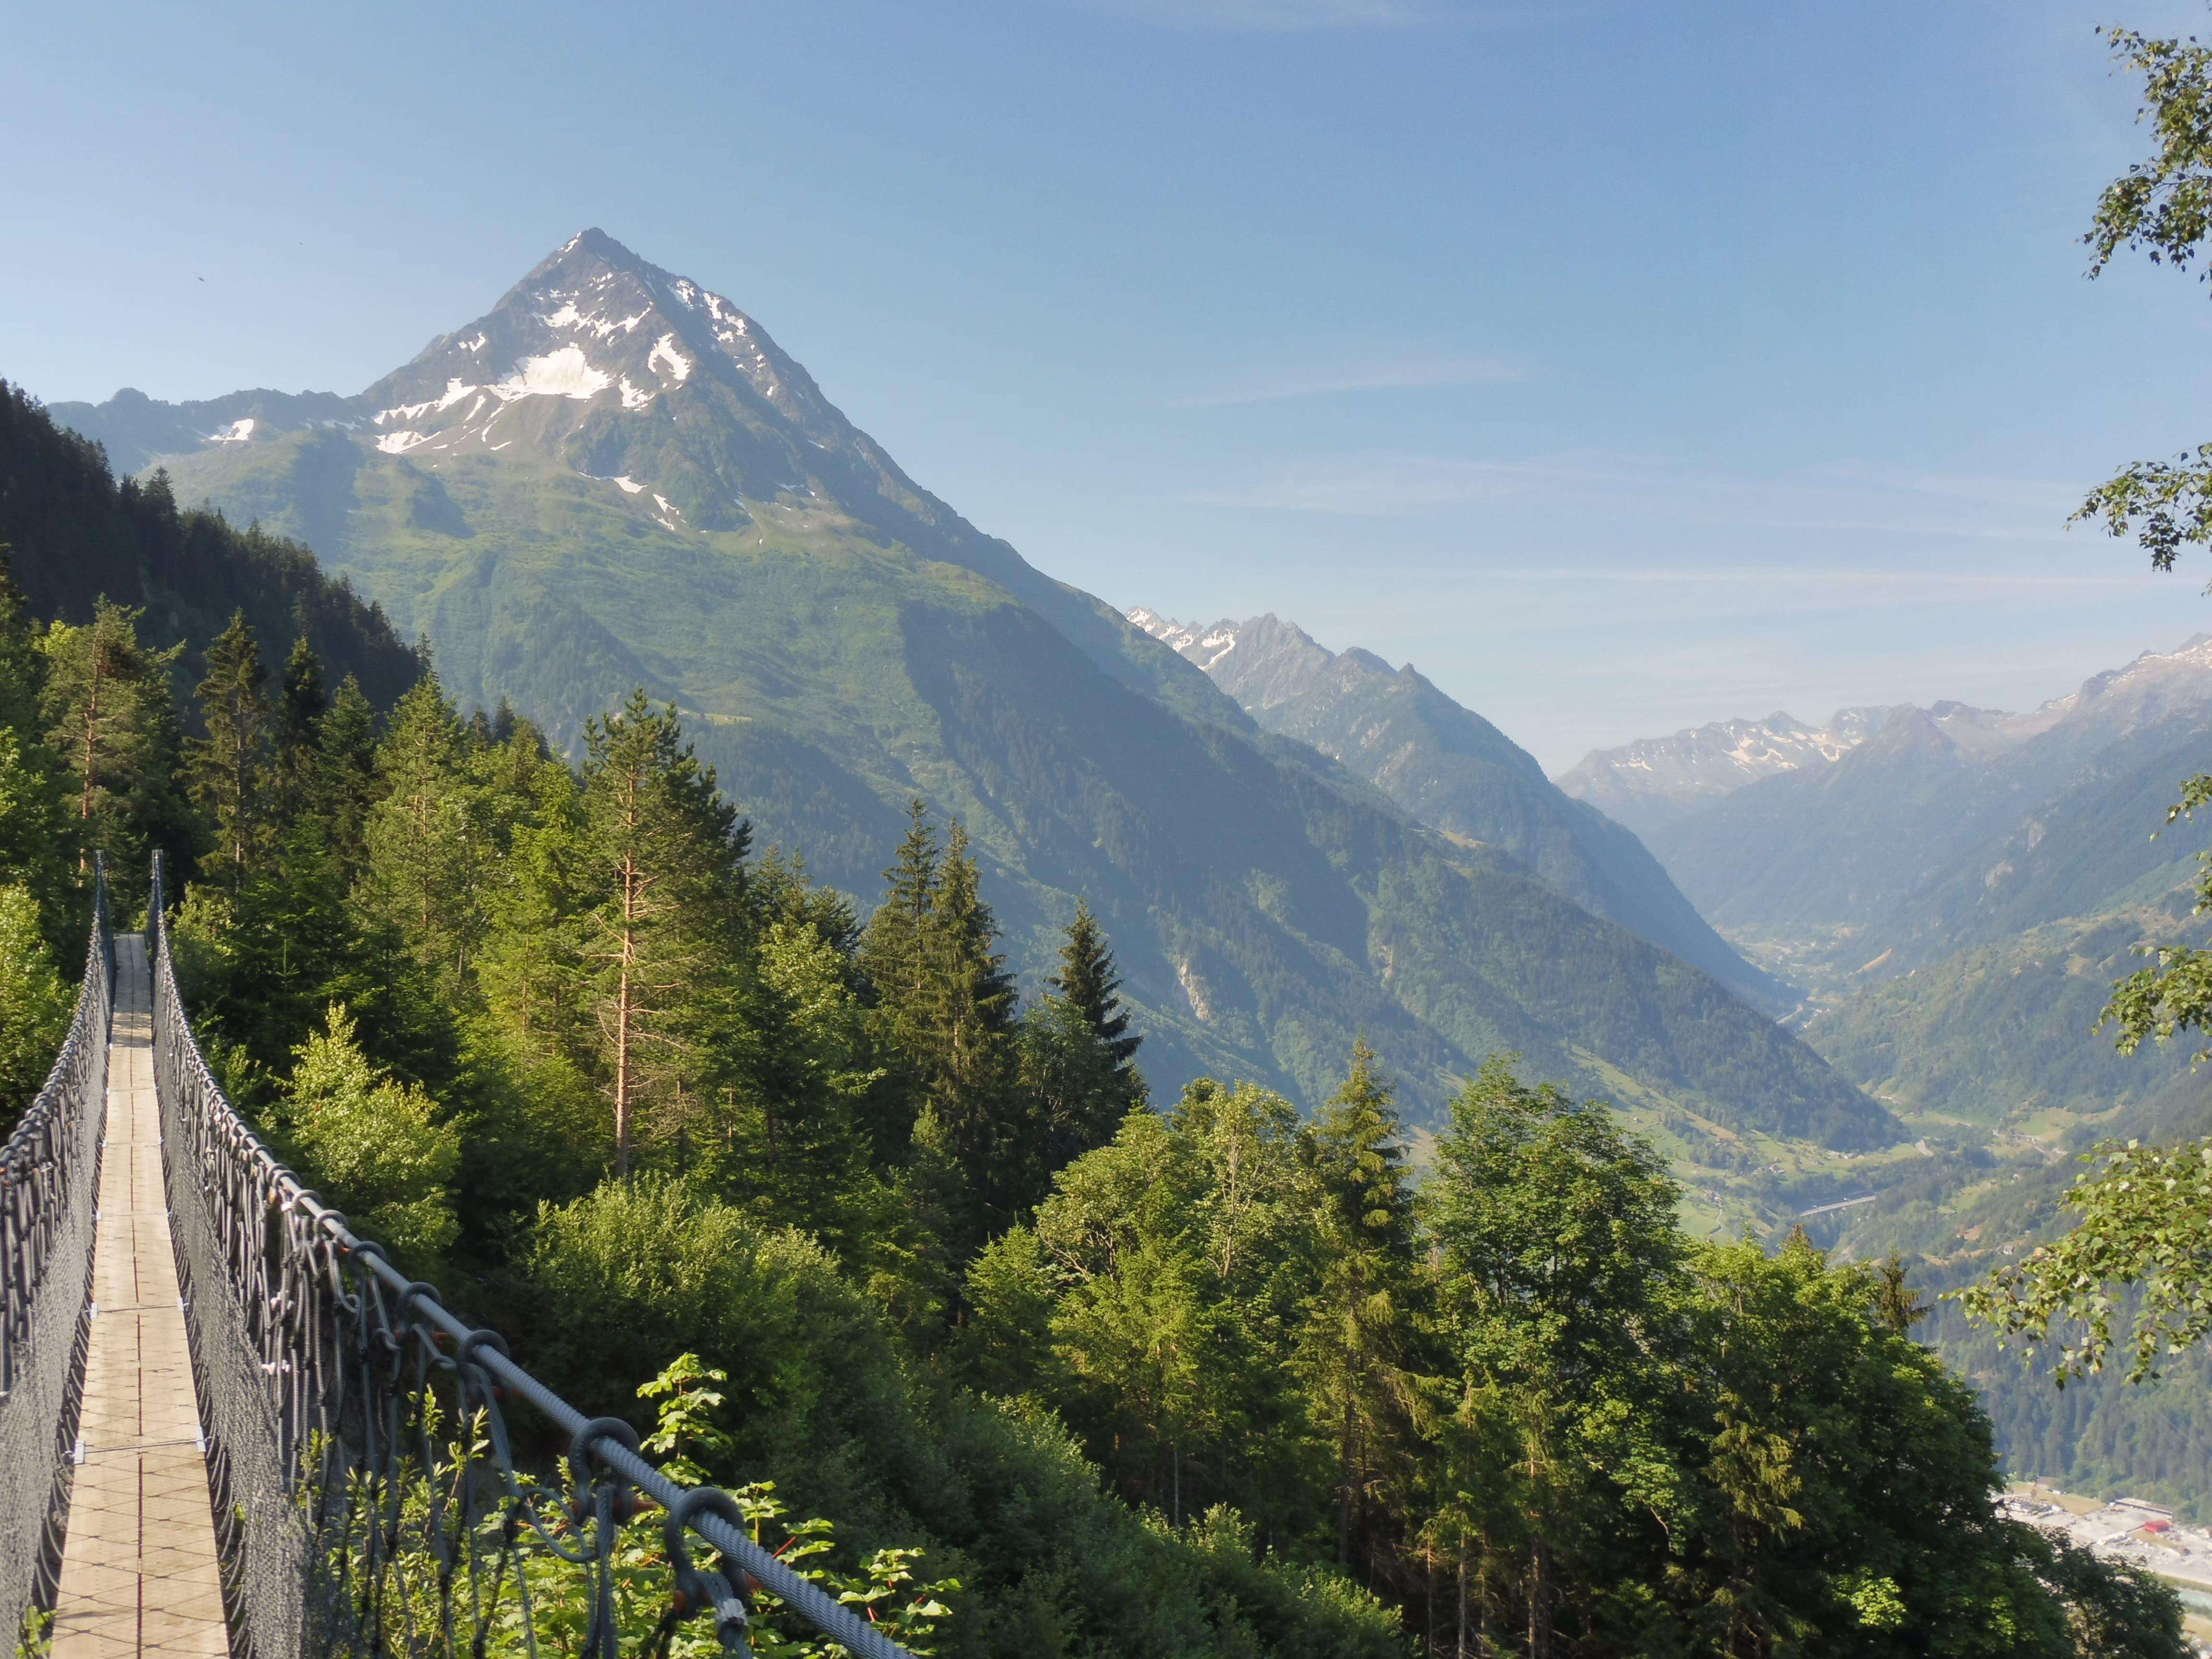 Ein Paradies für Wanderer ist der «Höhenweg Silenerberge», der von den Chilcherbergen in Silenen bis zum Ziel auf Golzern oberhalb von Bristen führt. Eine besondere Attraktion stellt dabei die Hängebrücke über den Schipfenbach dar. Im Hintergrund ist der Bristen zu sehen. (Bild: Mirjam Jauch, Silenen, 8. Juli 2018)